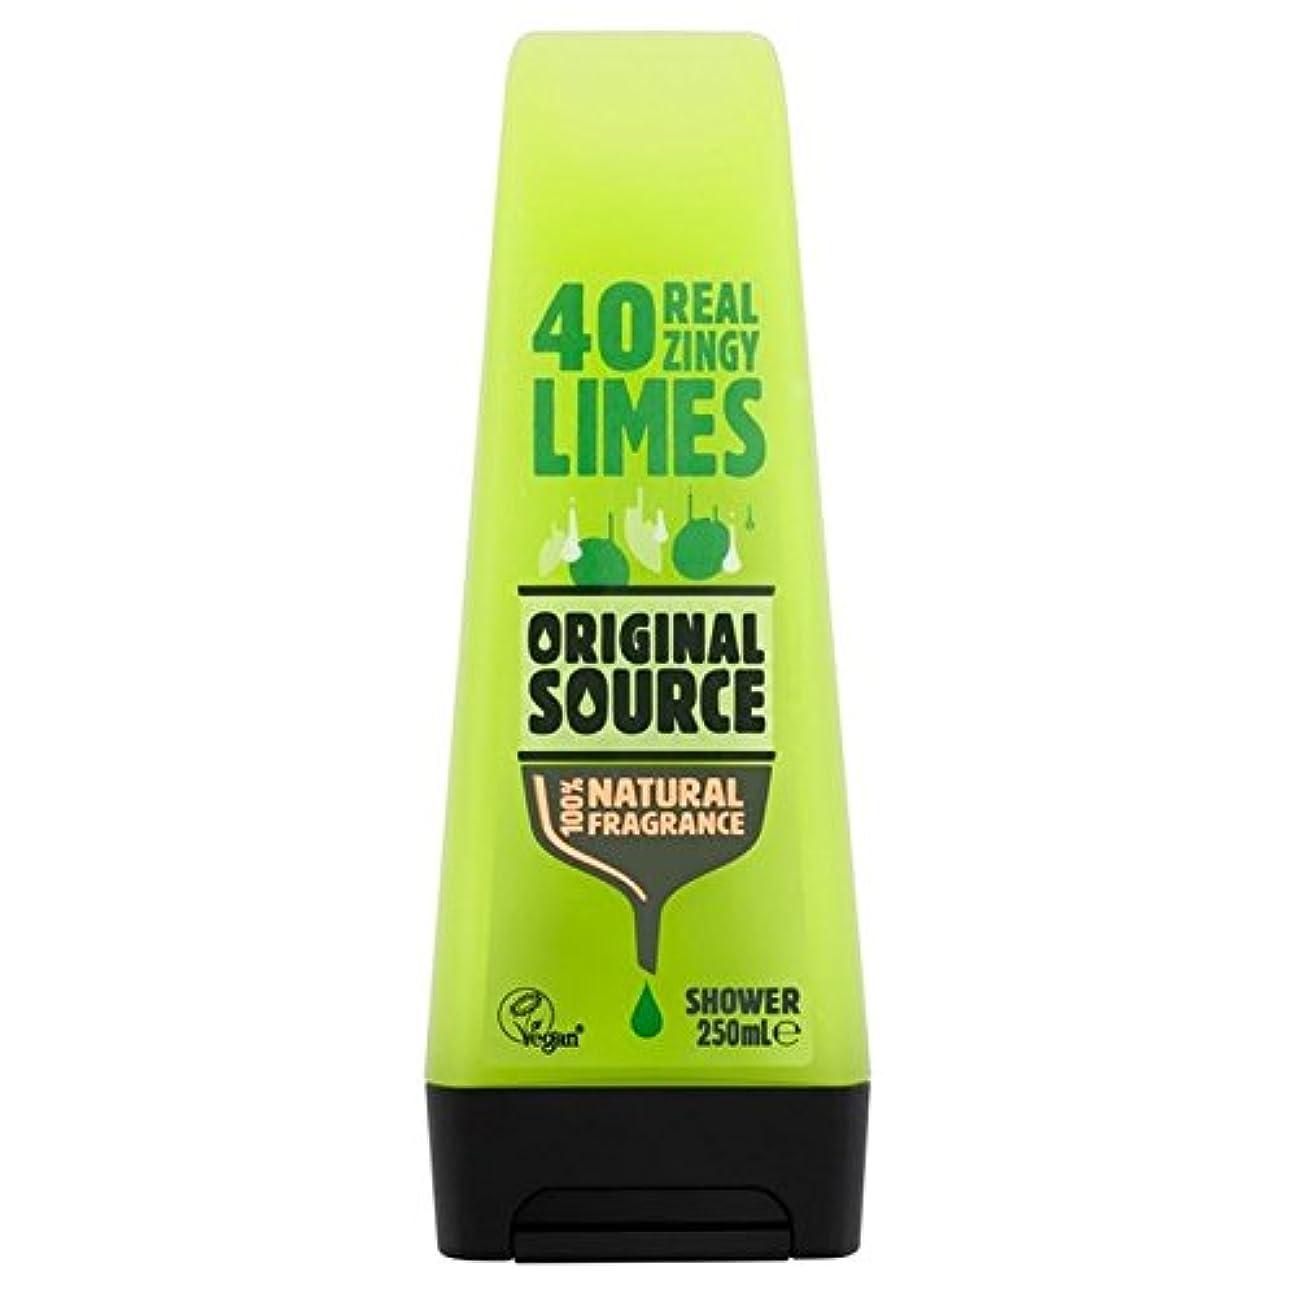 分離する流体令状Original Source Lime Shower Gel 250ml (Pack of 6) - 元のソースライムシャワージェル250ミリリットル x6 [並行輸入品]